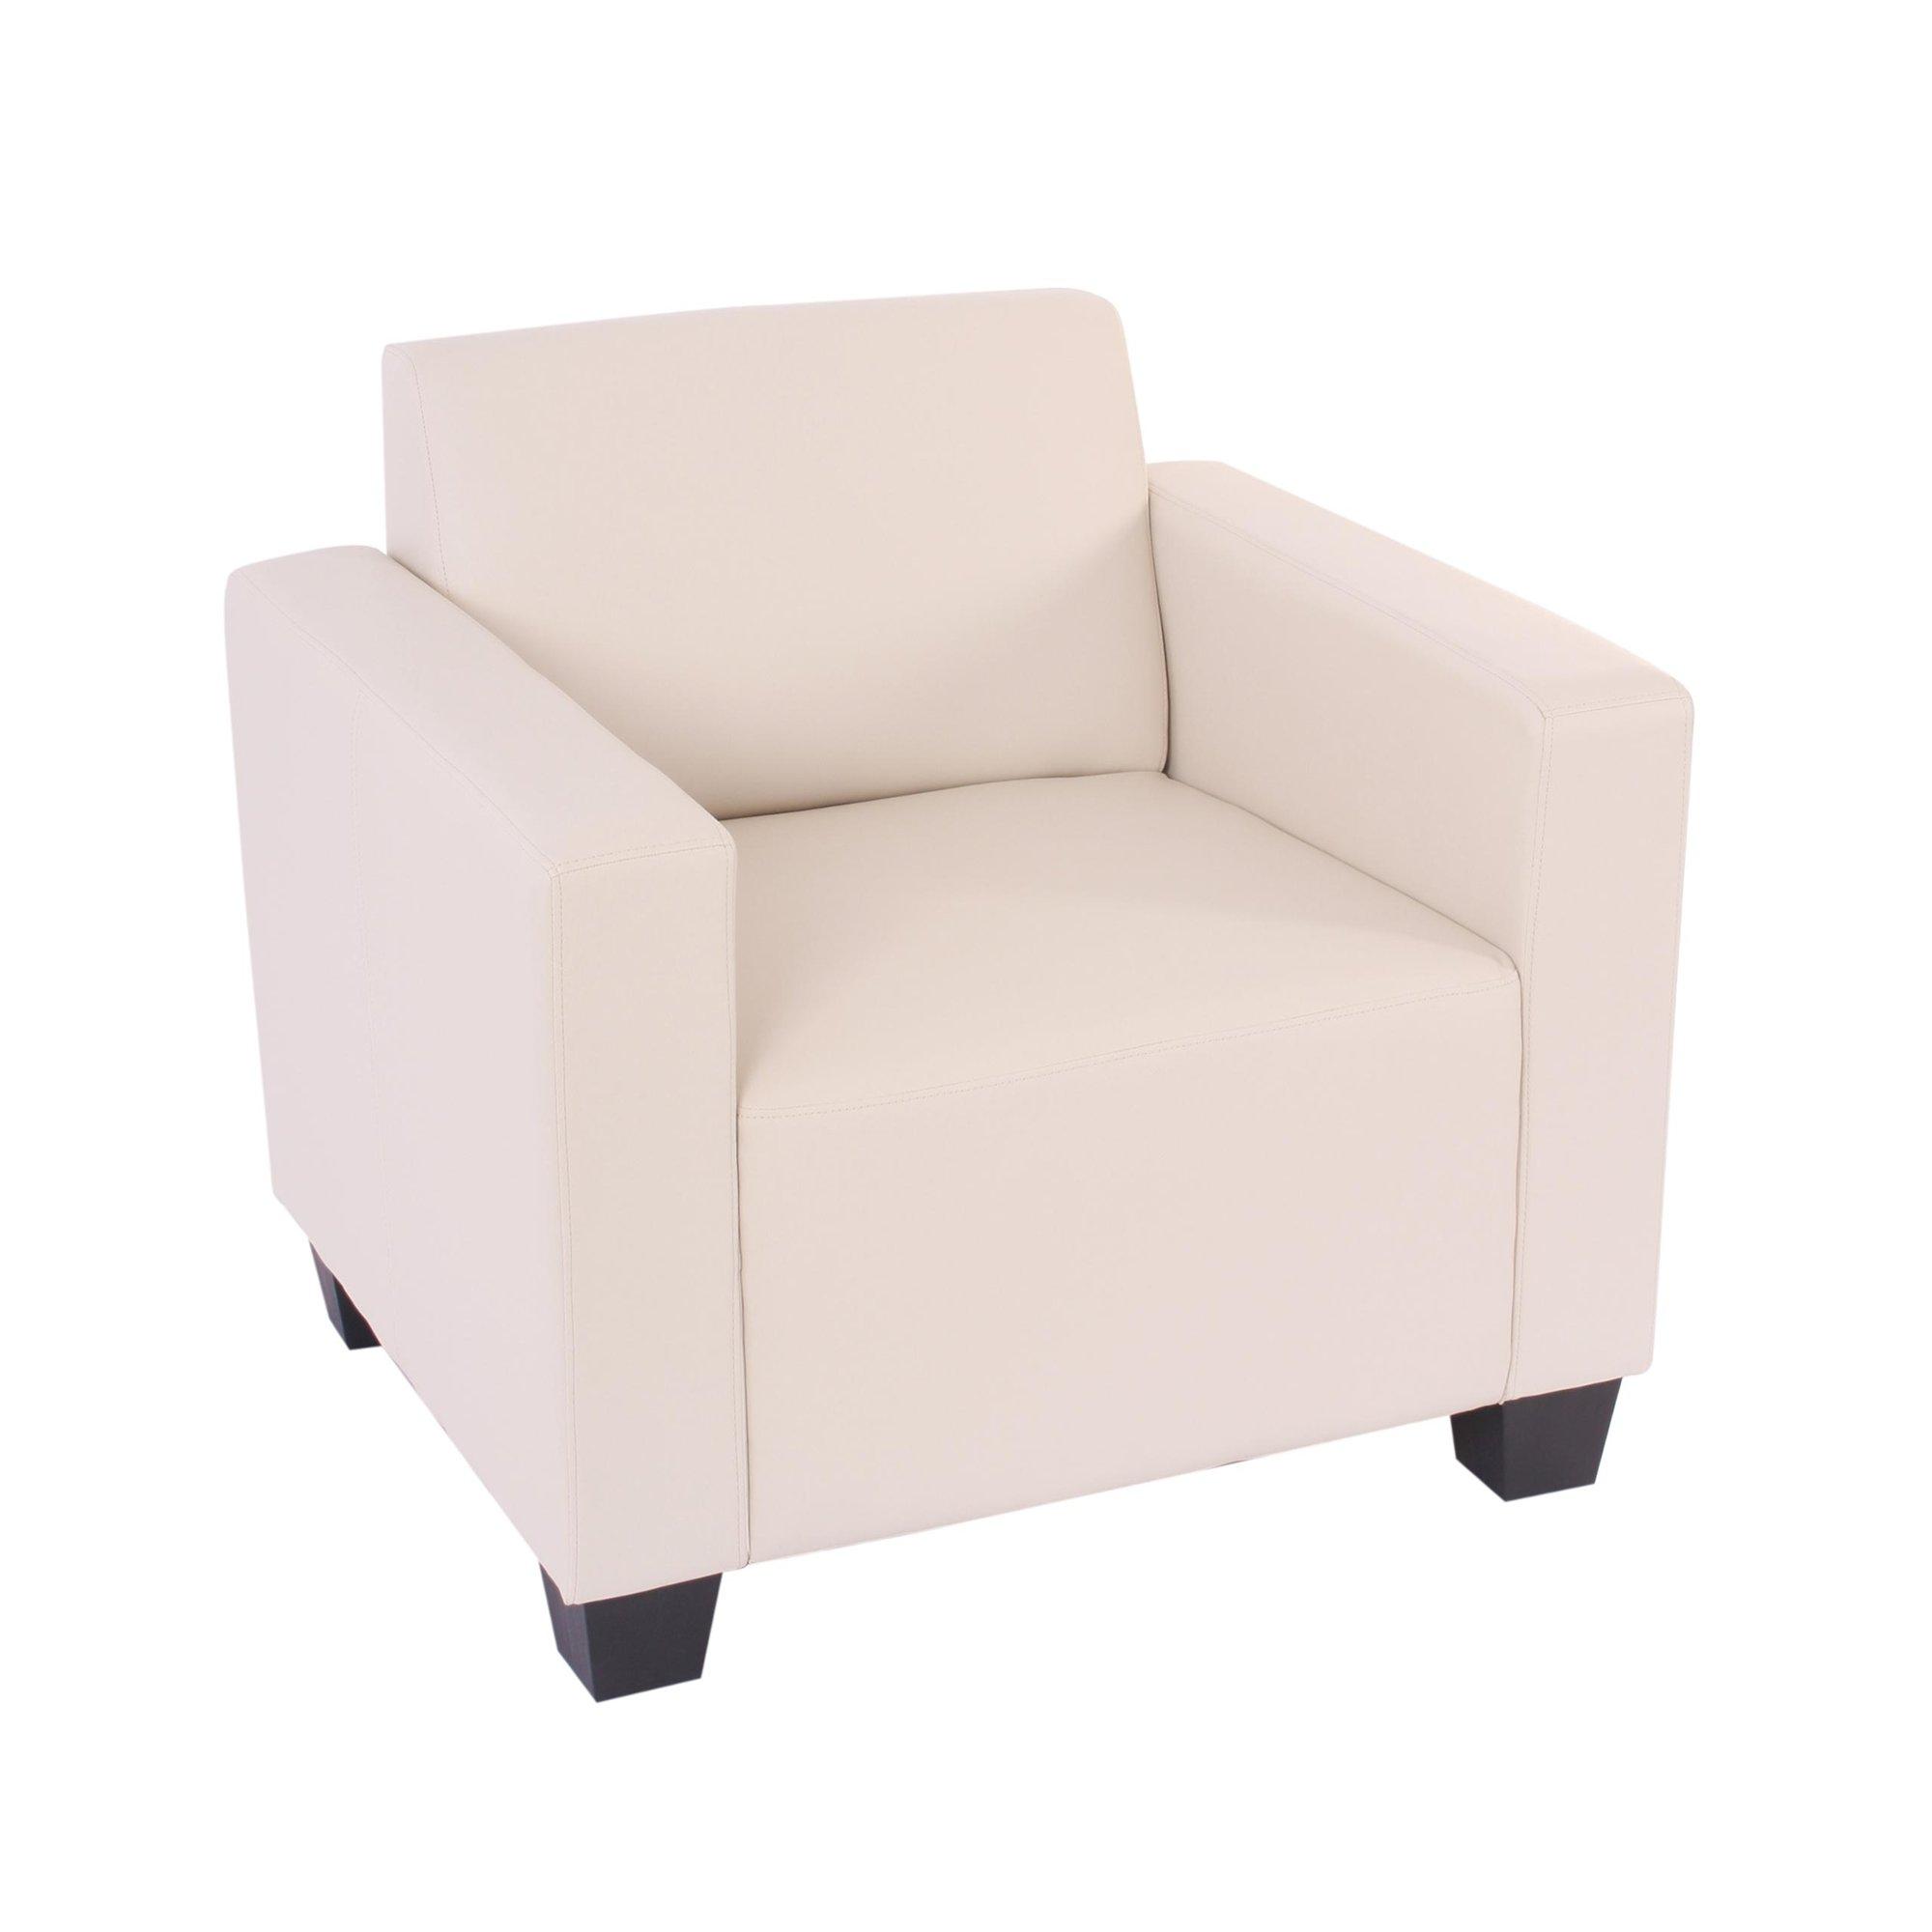 Sofa Modular LYON En 4 Piezas + 1 Sofa Individual, Gran